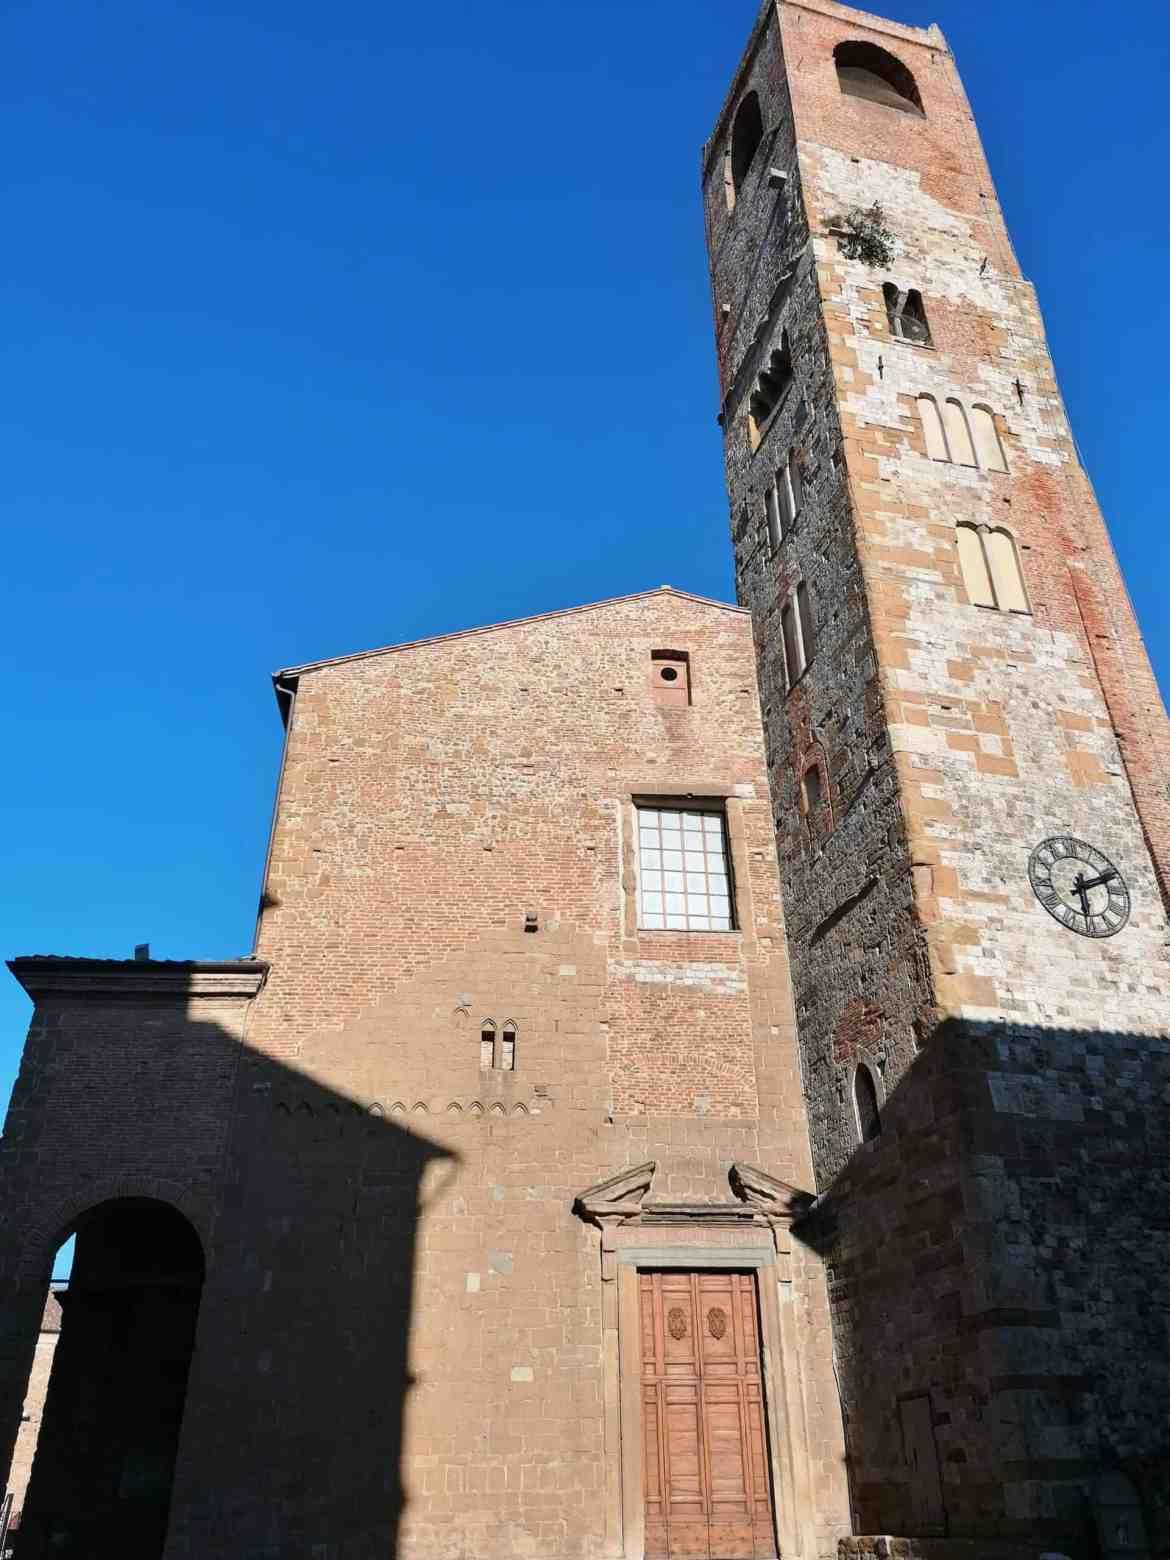 Duomo dei Santi Gervasio e Protasio